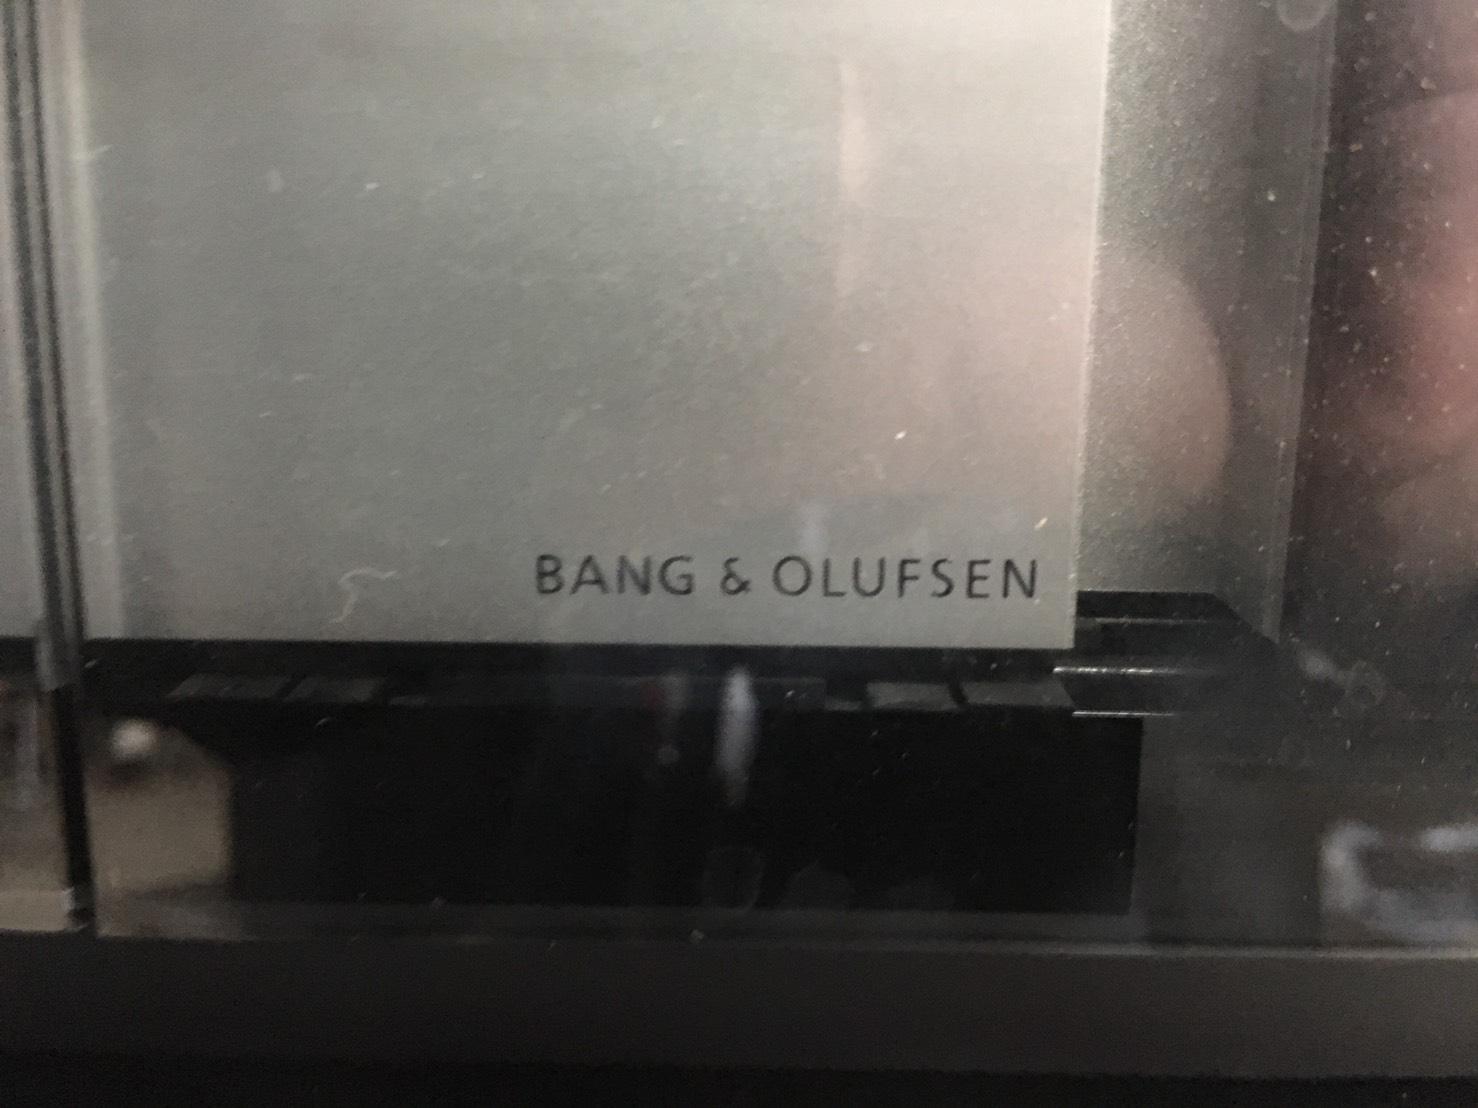 バング・オルフセンのロゴ